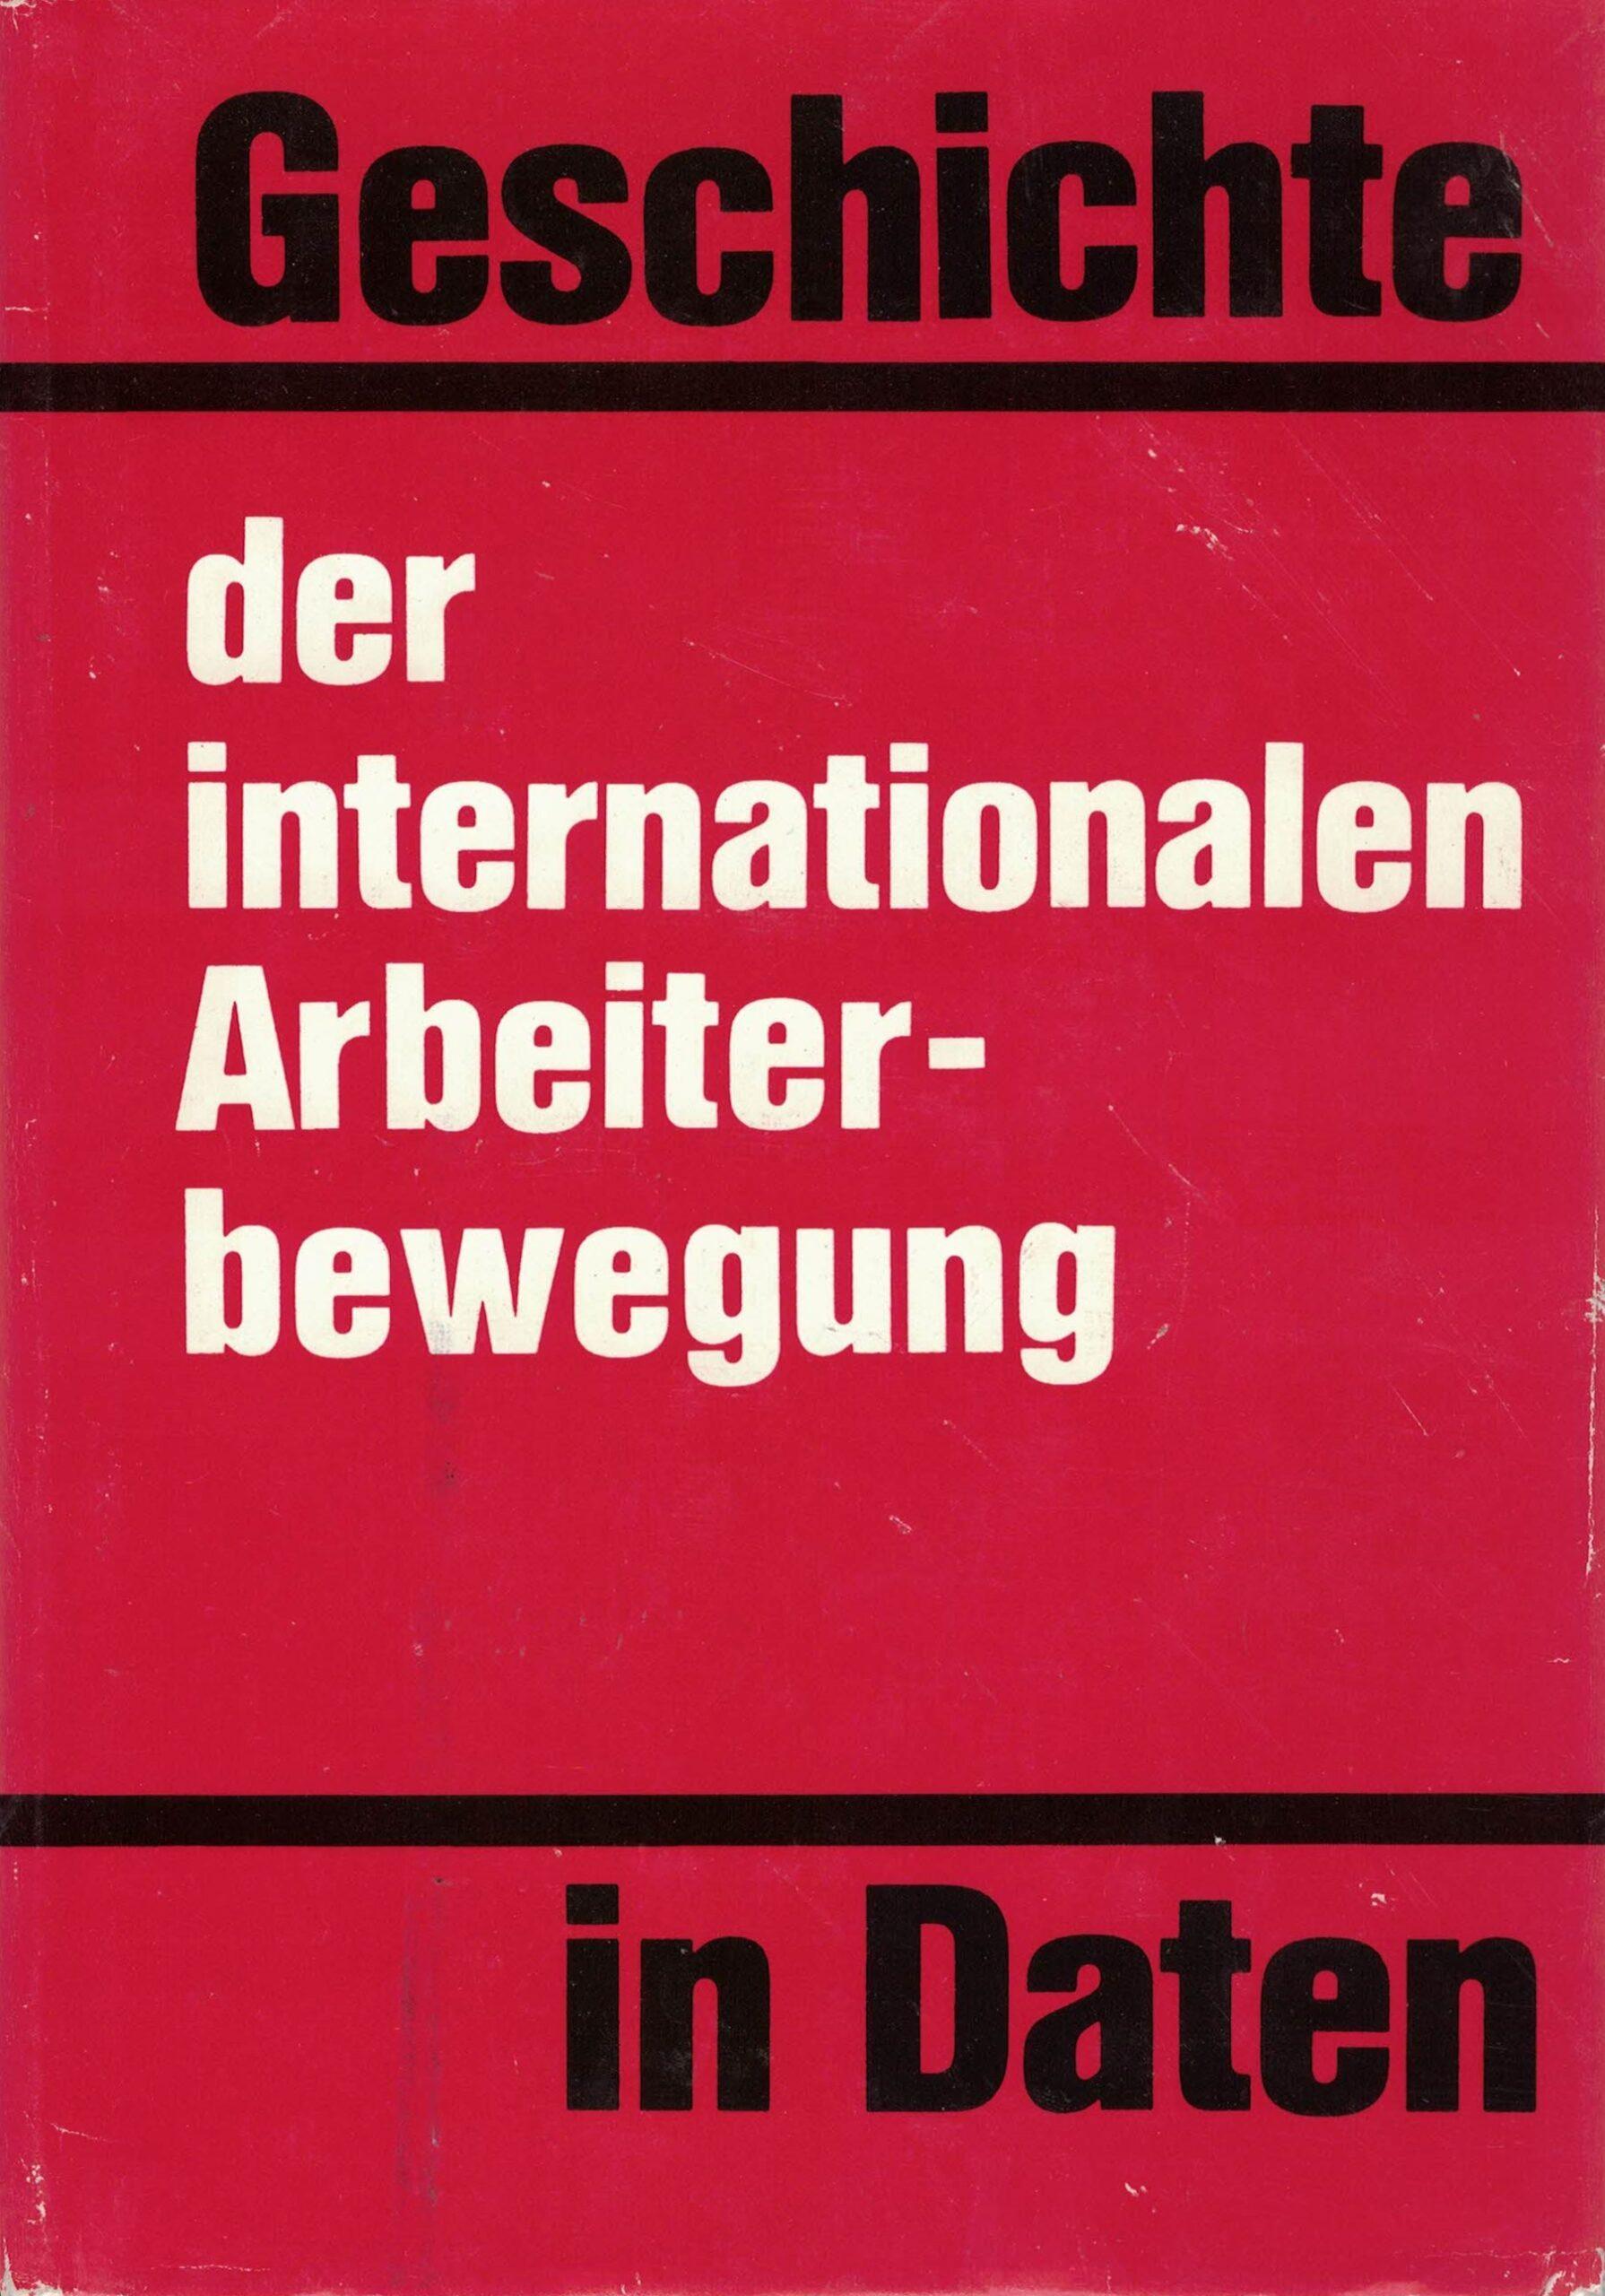 Geschichte der internationalen Arbeiterbewegung in Daten